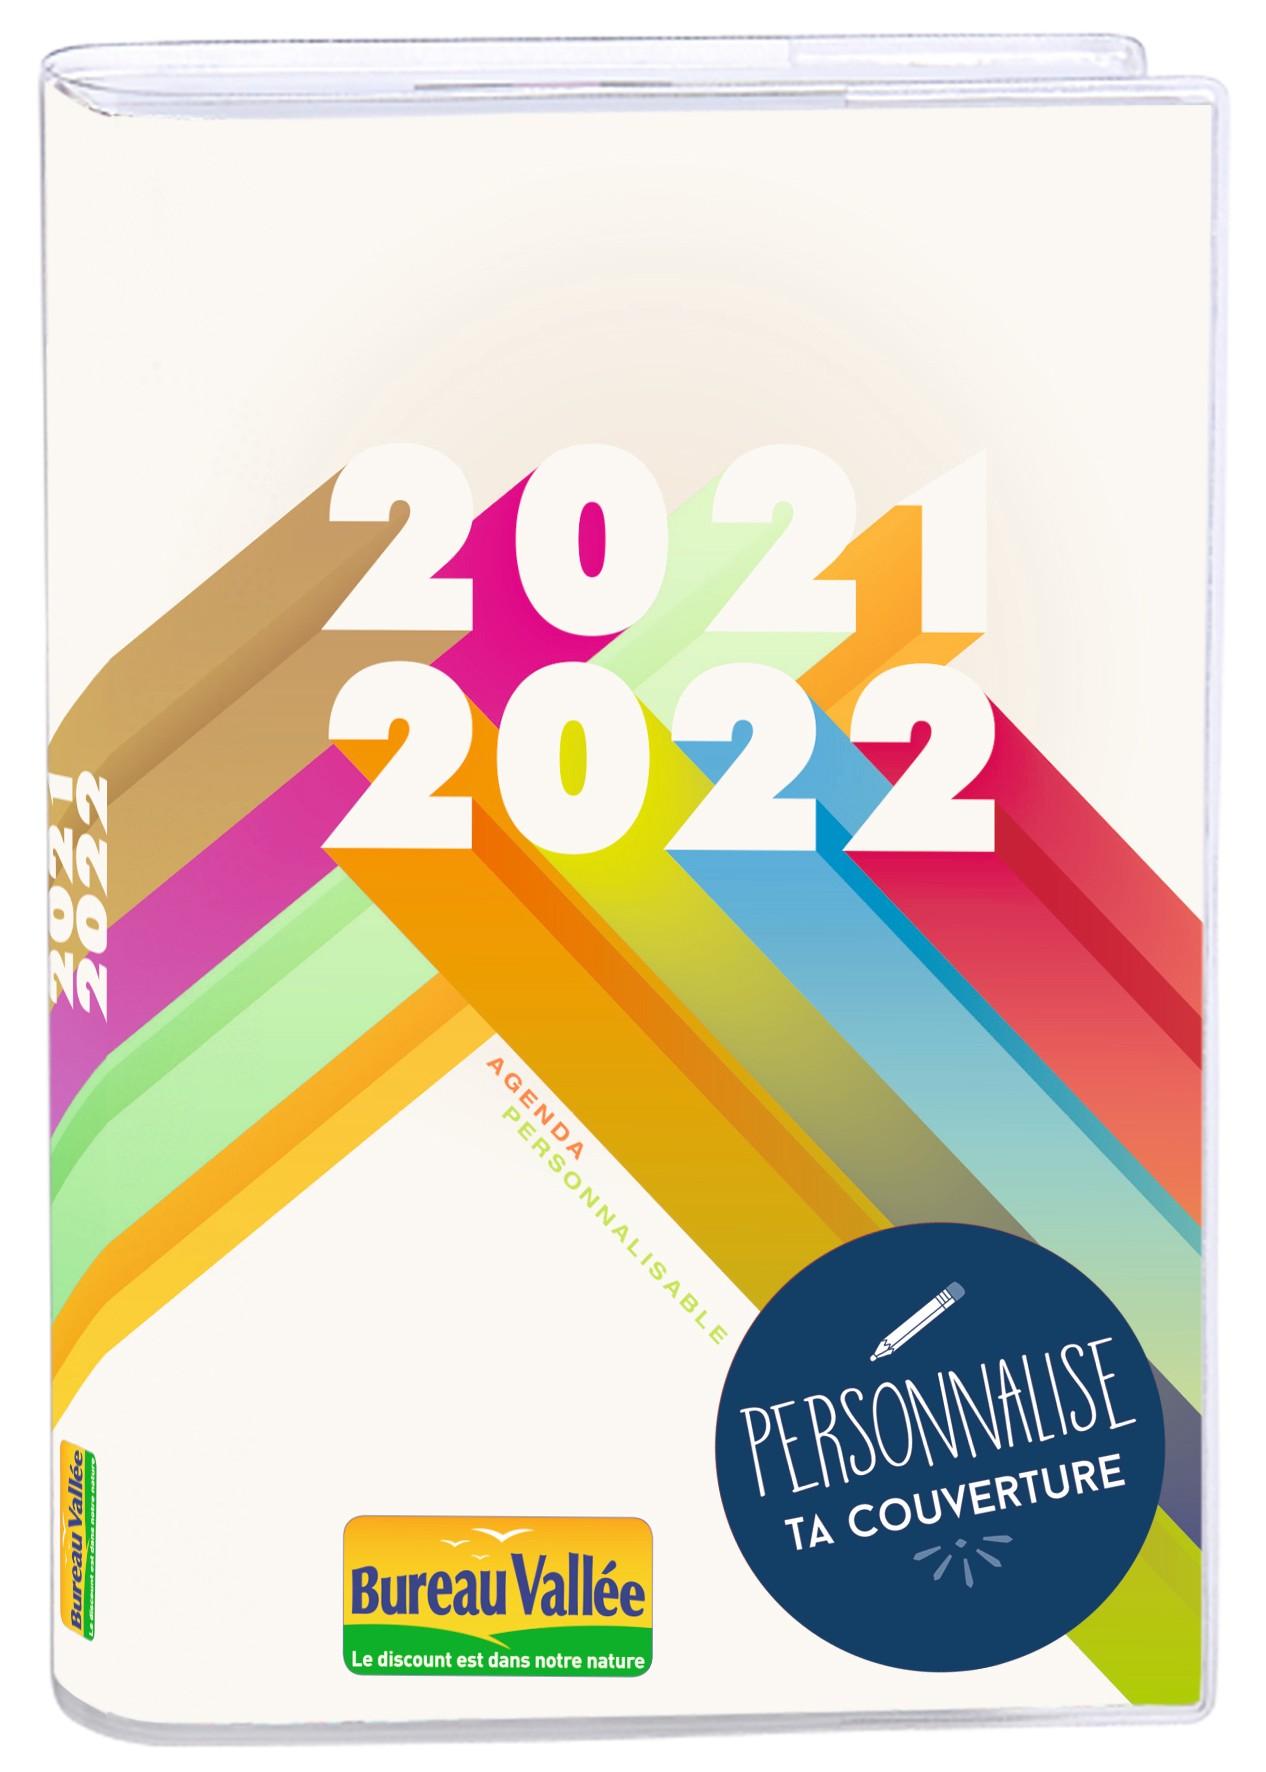 Agenda personnalisable Exclusivité Bureau Vallée - 1 jour par page - 12,5 x 17,5 cm